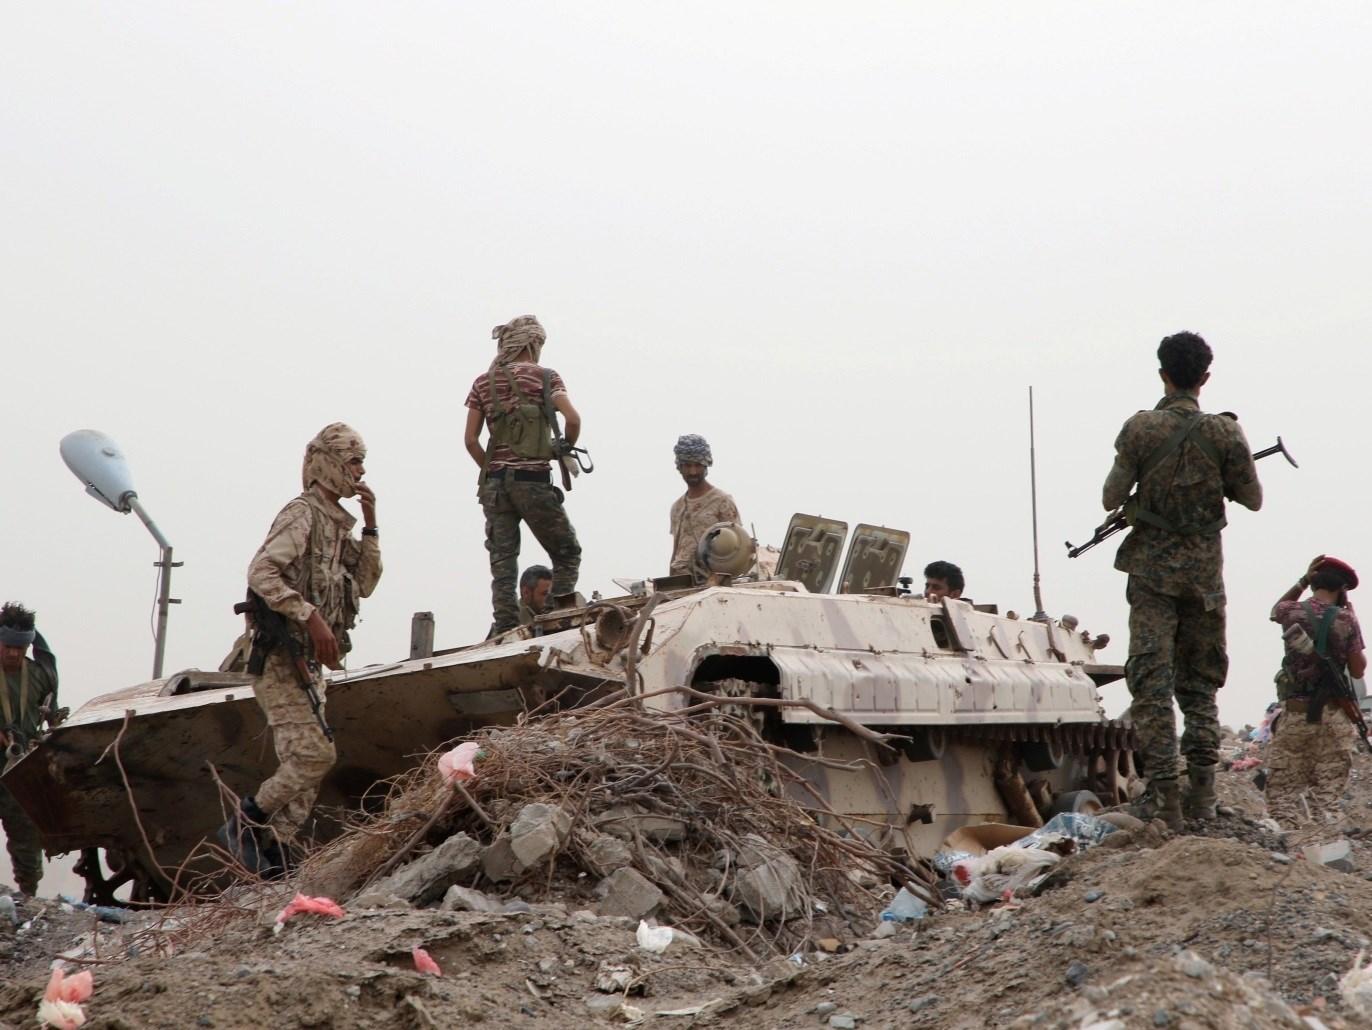 الاشتباكات تجددت بين قوات المجلس الانتقالي وقوات هادي في أبين